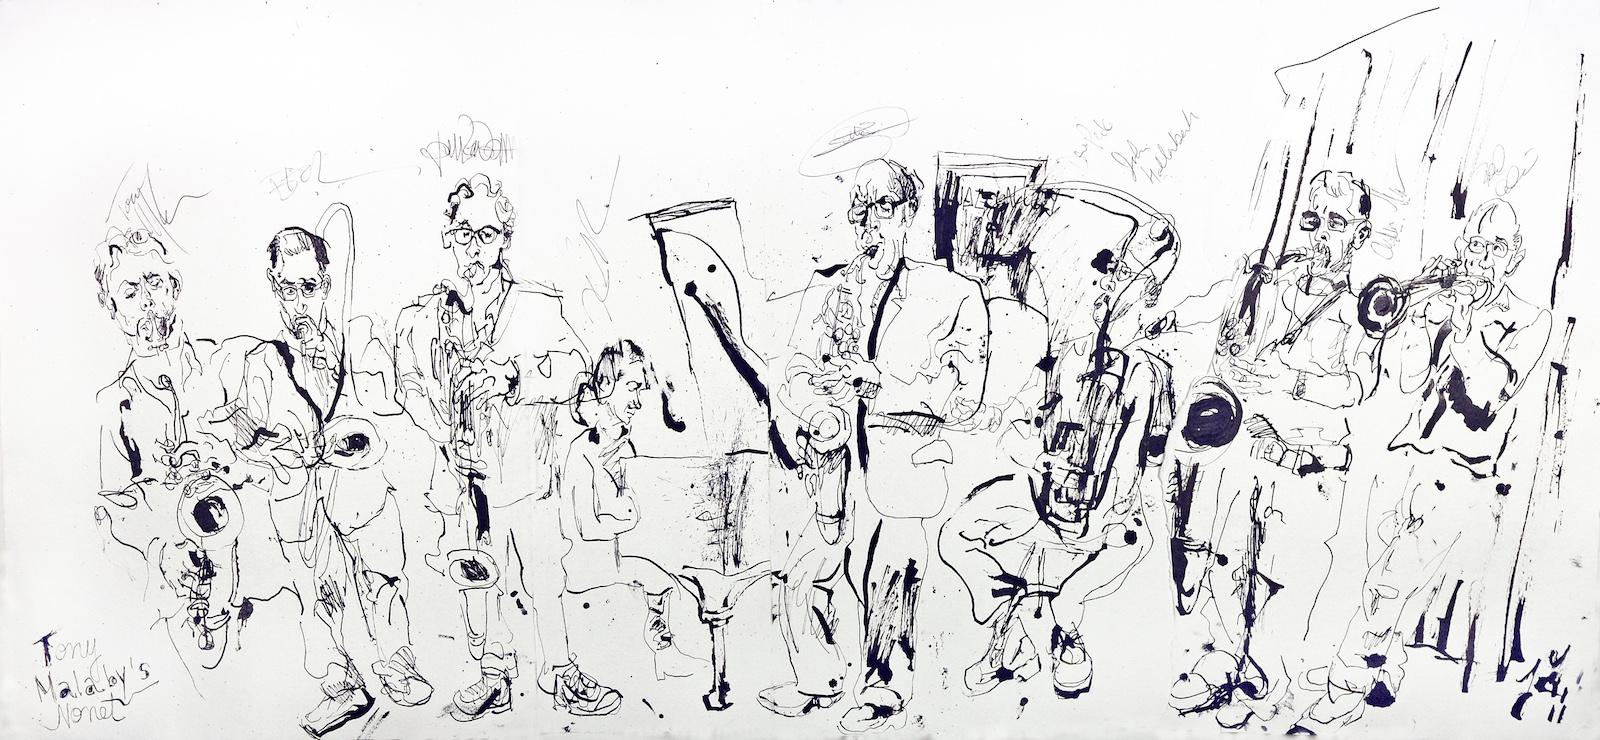 Tony malaby nonet at jazz gallery 2011